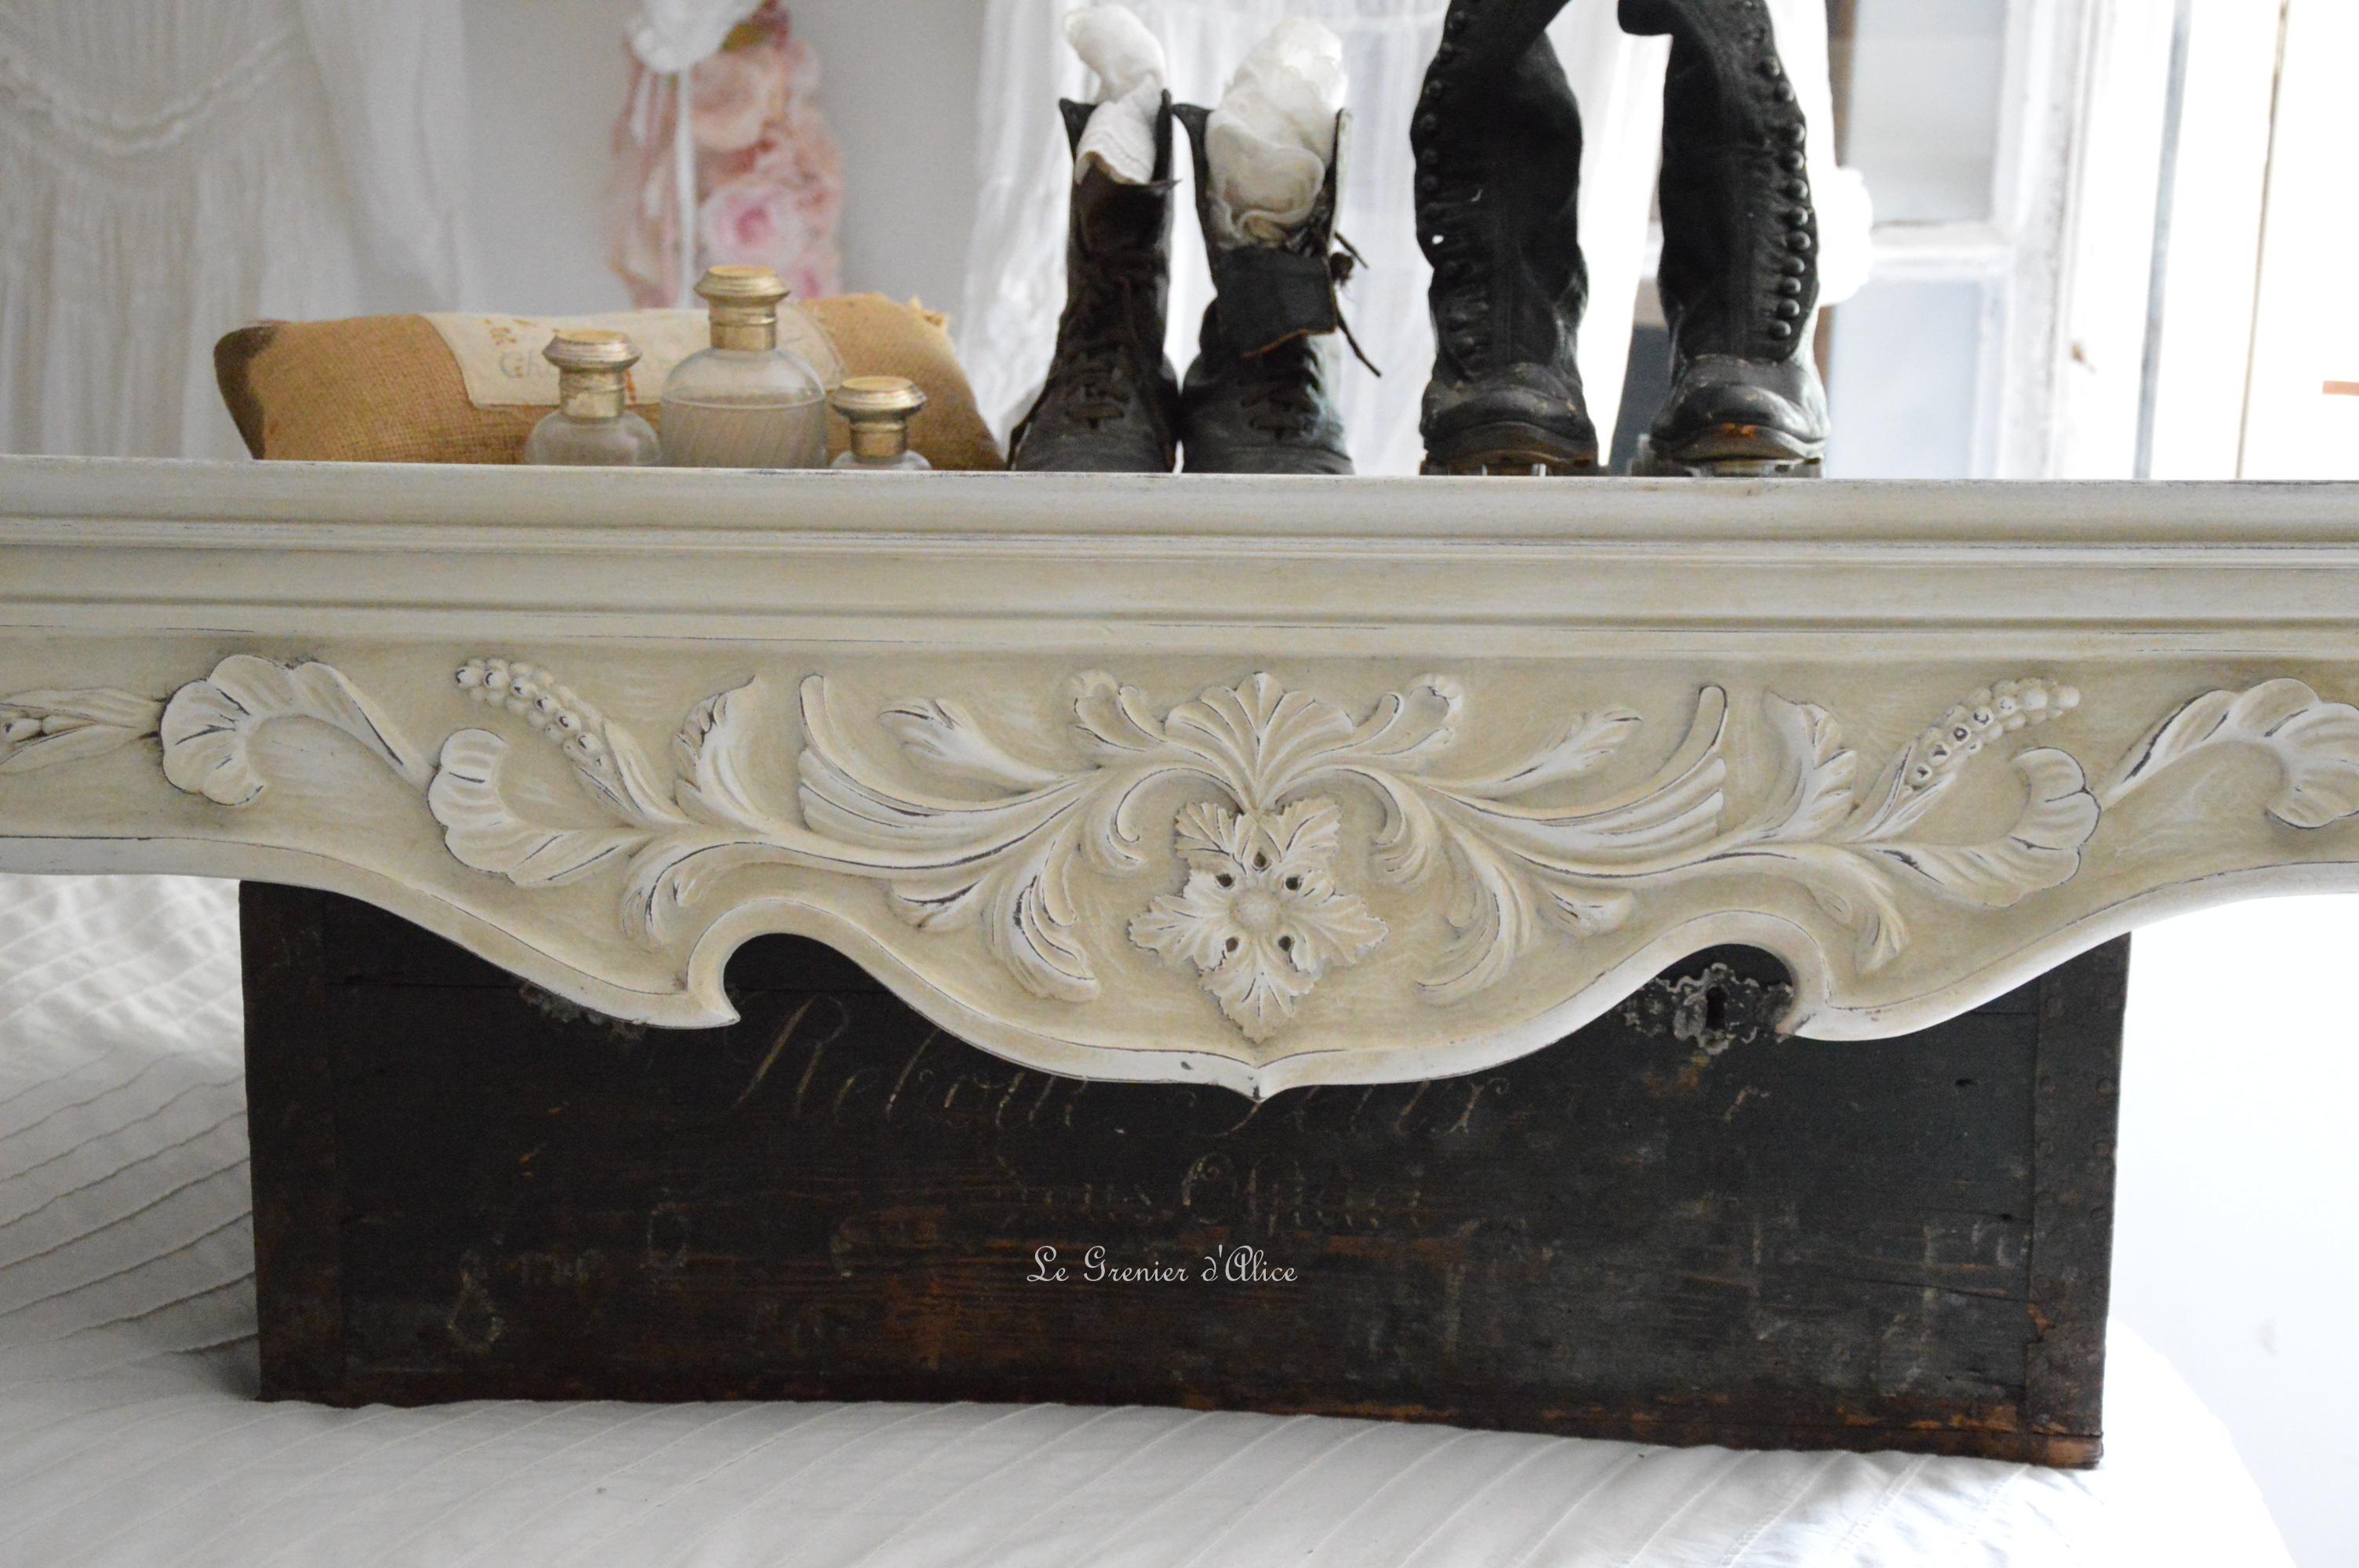 stunning ciel de lit adulte dedans ciel de lit adulte romantique cheap cheap support pour ciel. Black Bedroom Furniture Sets. Home Design Ideas